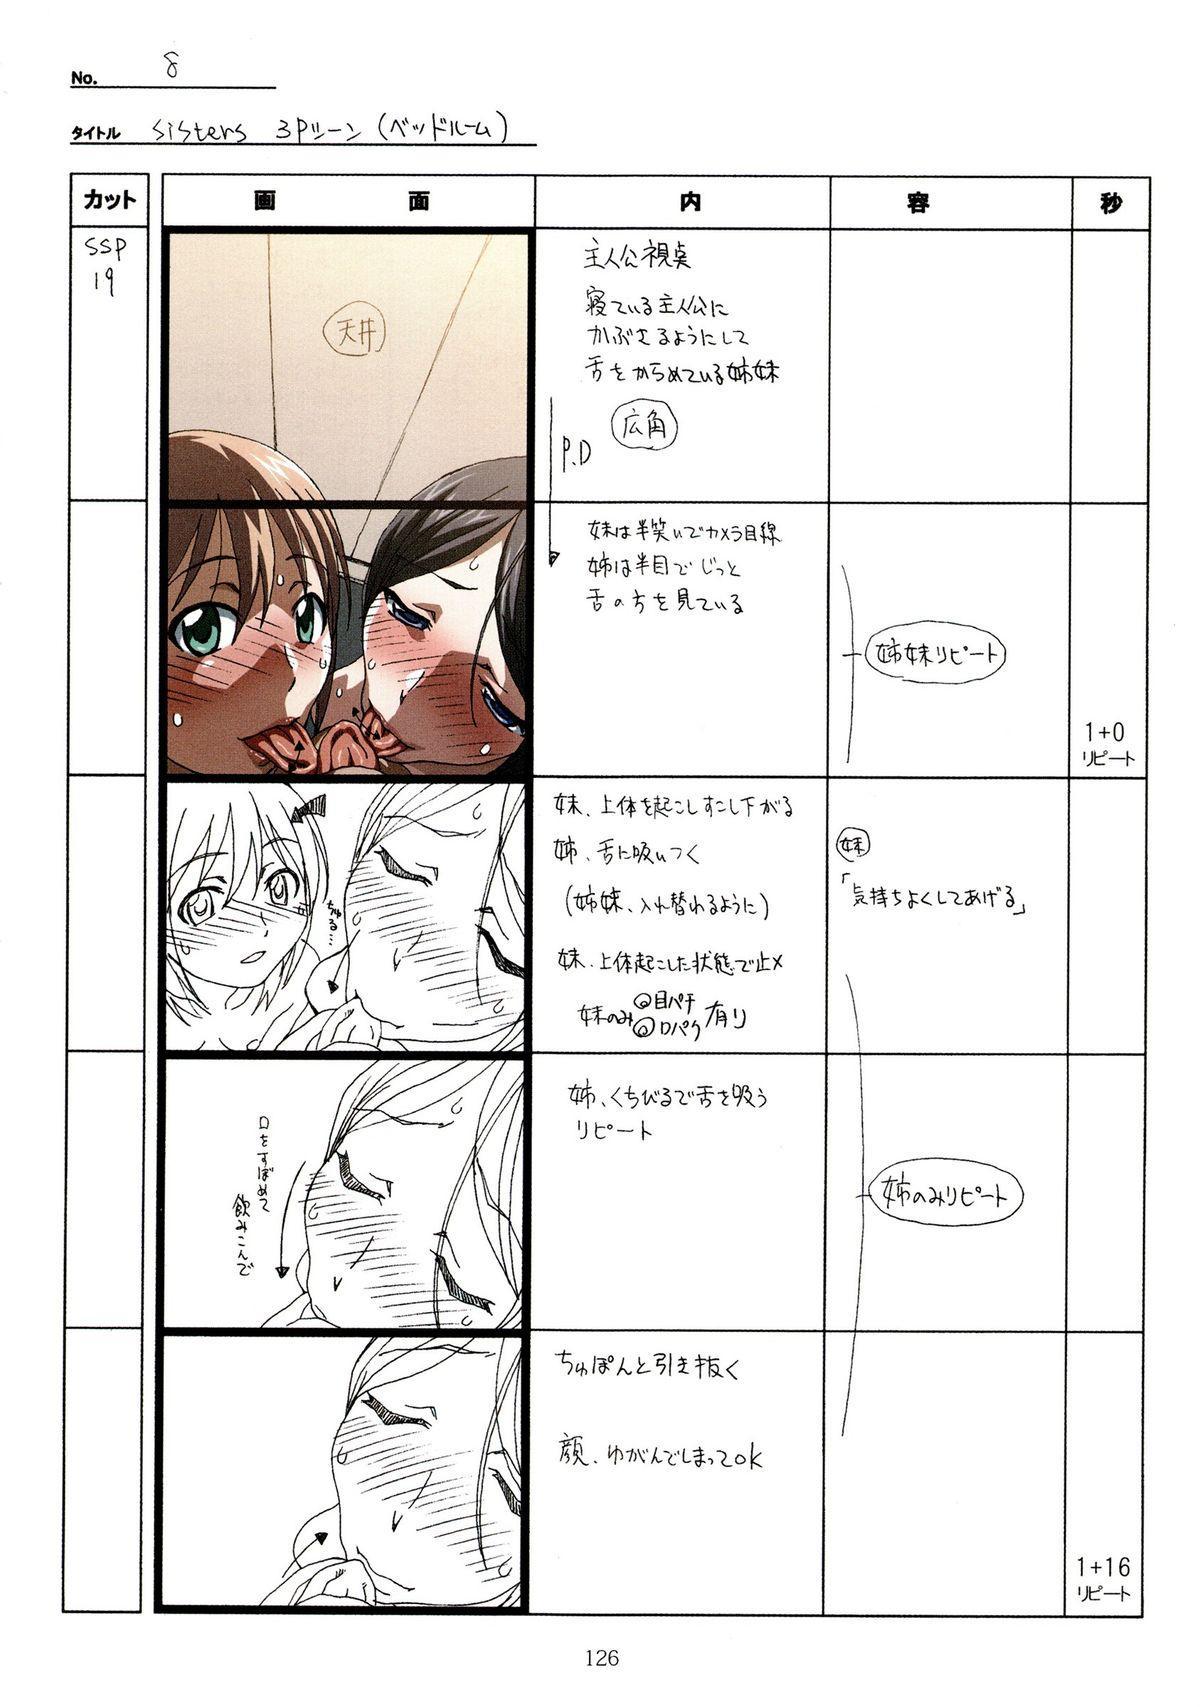 (C89) [Makino Jimusho (Taki Minashika)] SISTERS -Natsu no Saigo no Hi- H Scene All Part Storyboard (SISTERS -Natsu no Saigo no Hi-) 125